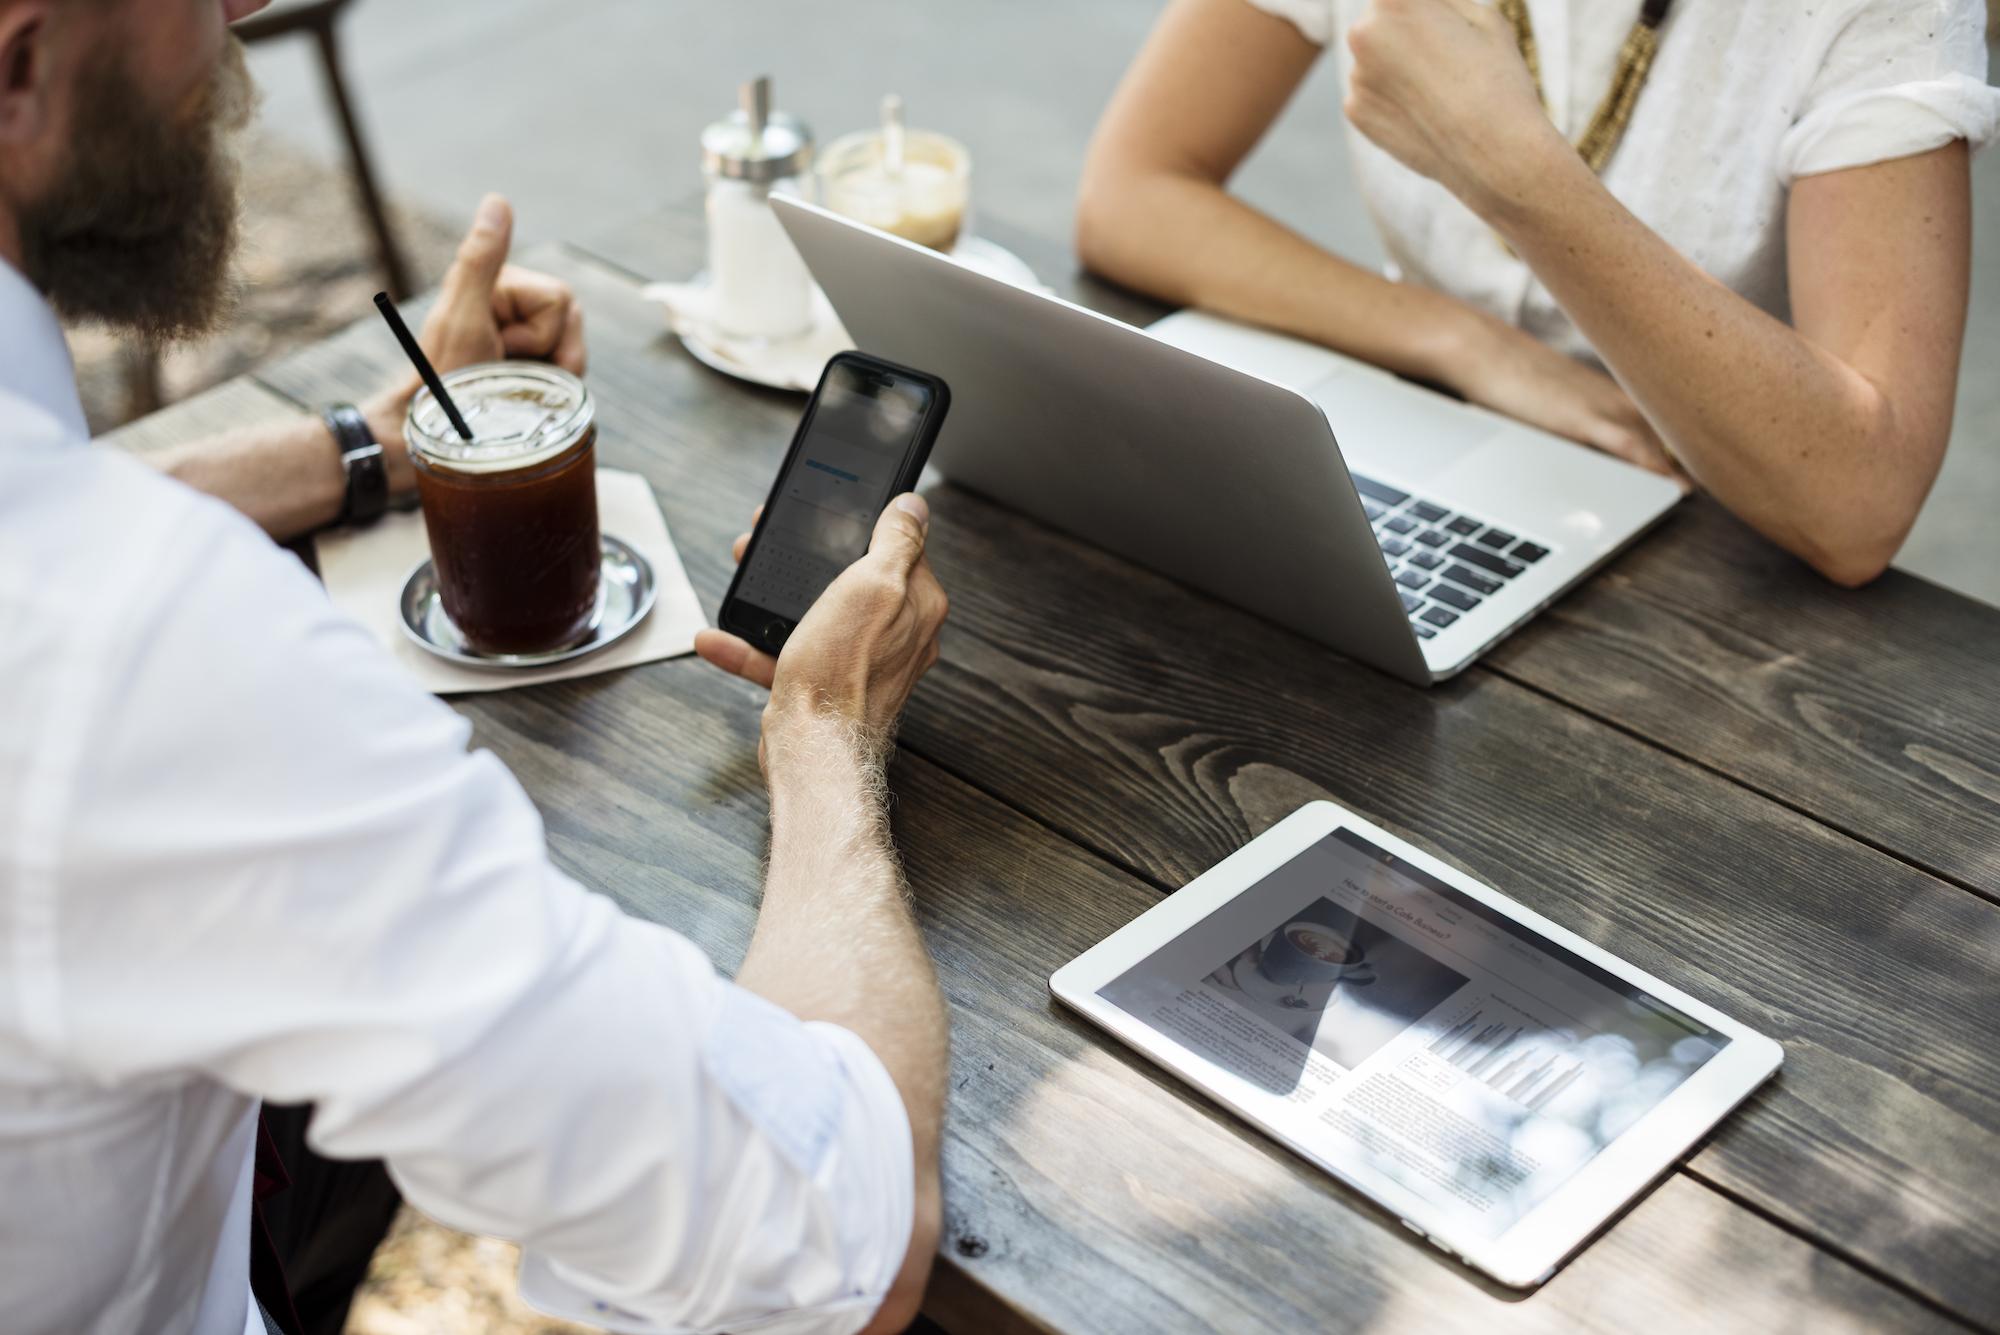 Comment choisir sa banque en ligne en 2018?